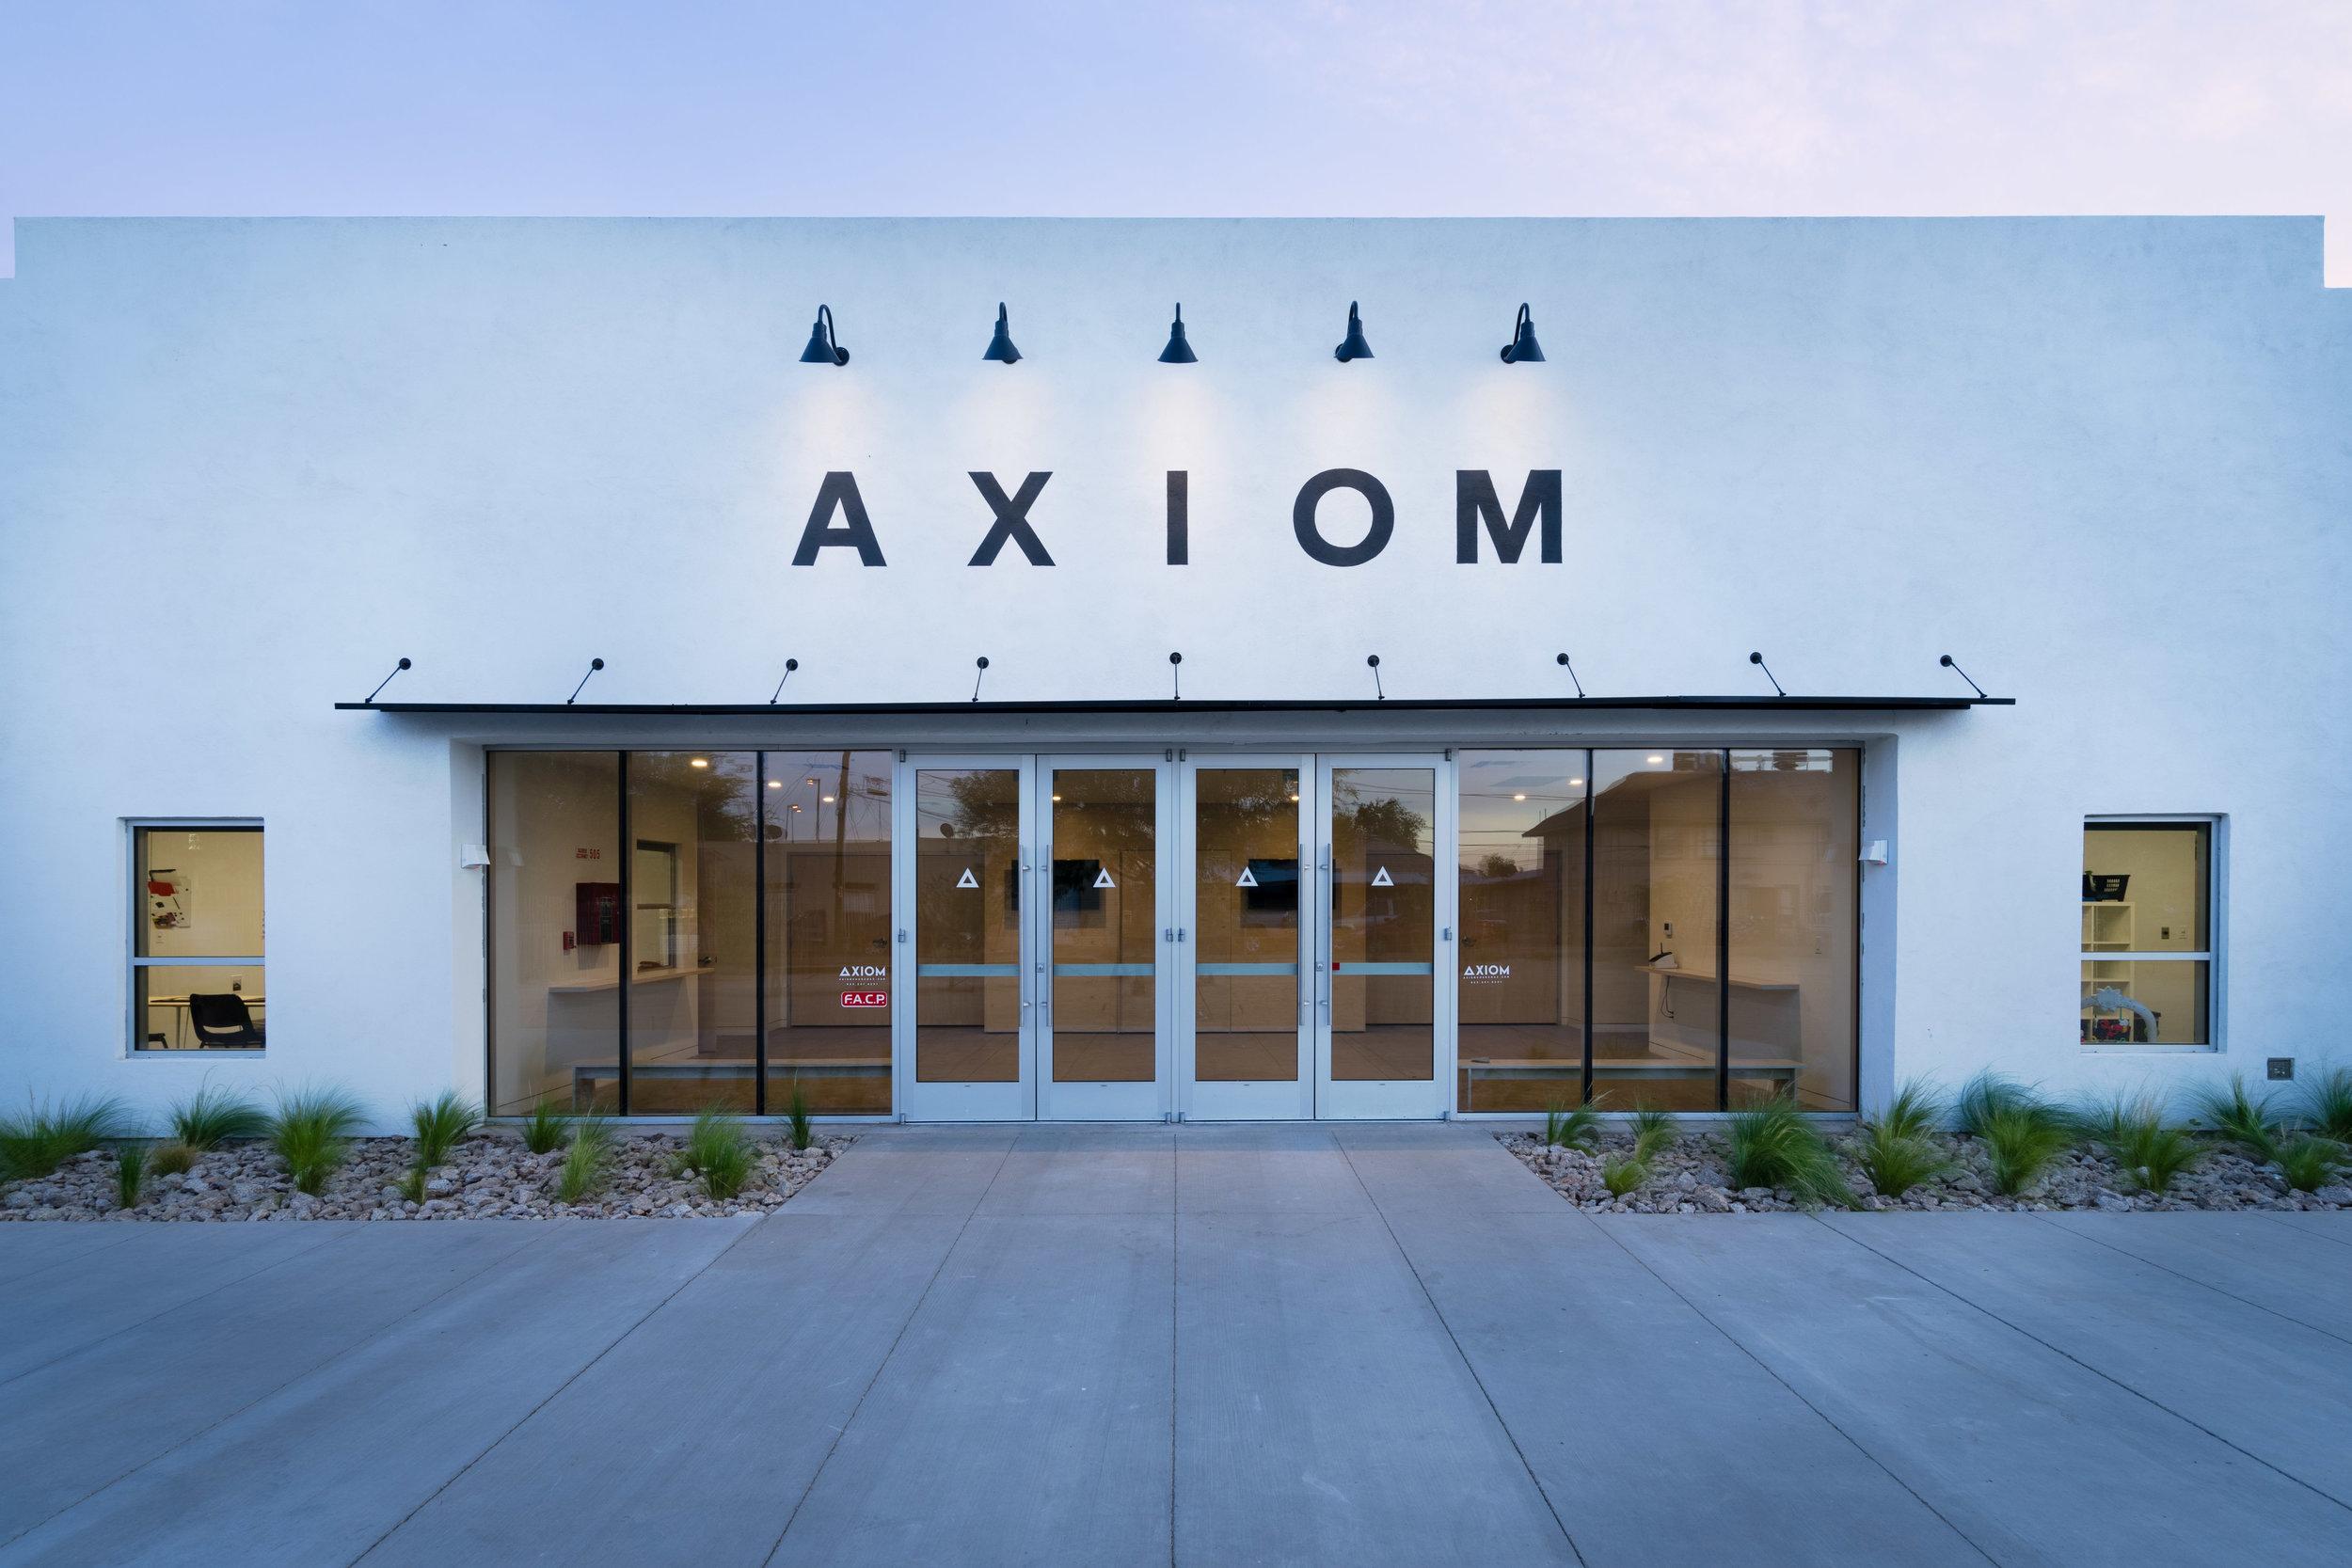 Axiom Kaiserworks